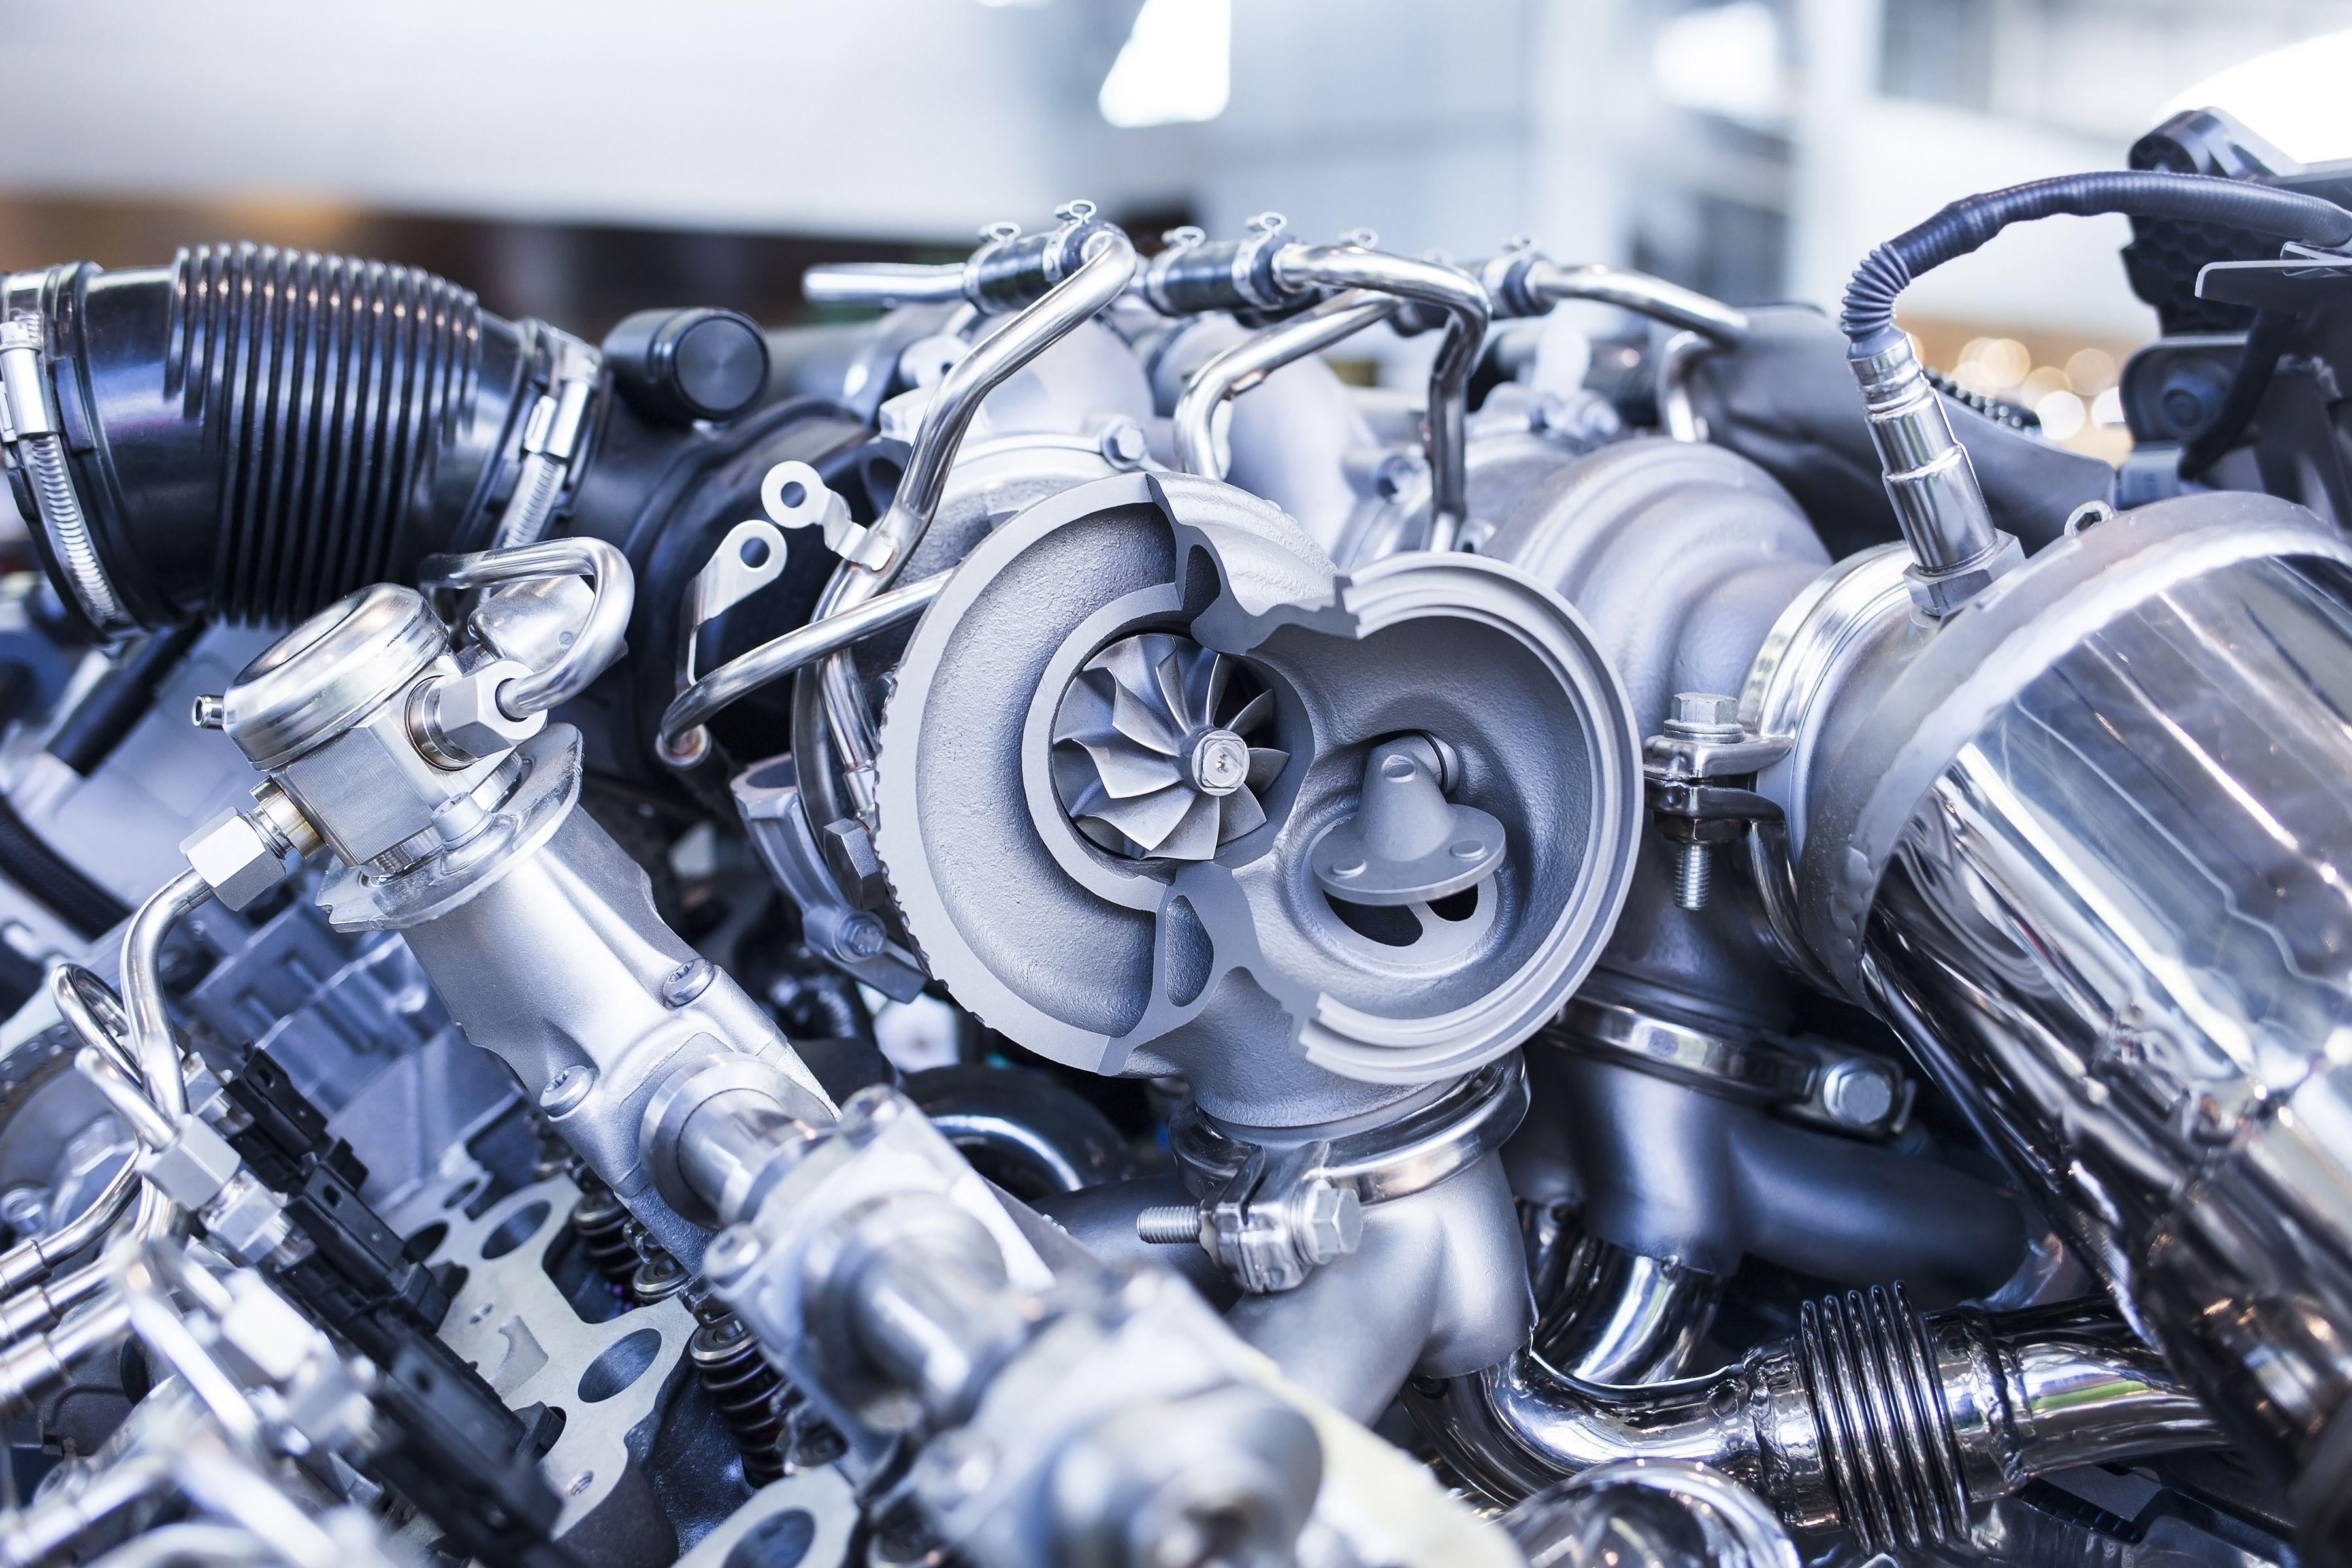 Descarbonización para la limpieza del motor